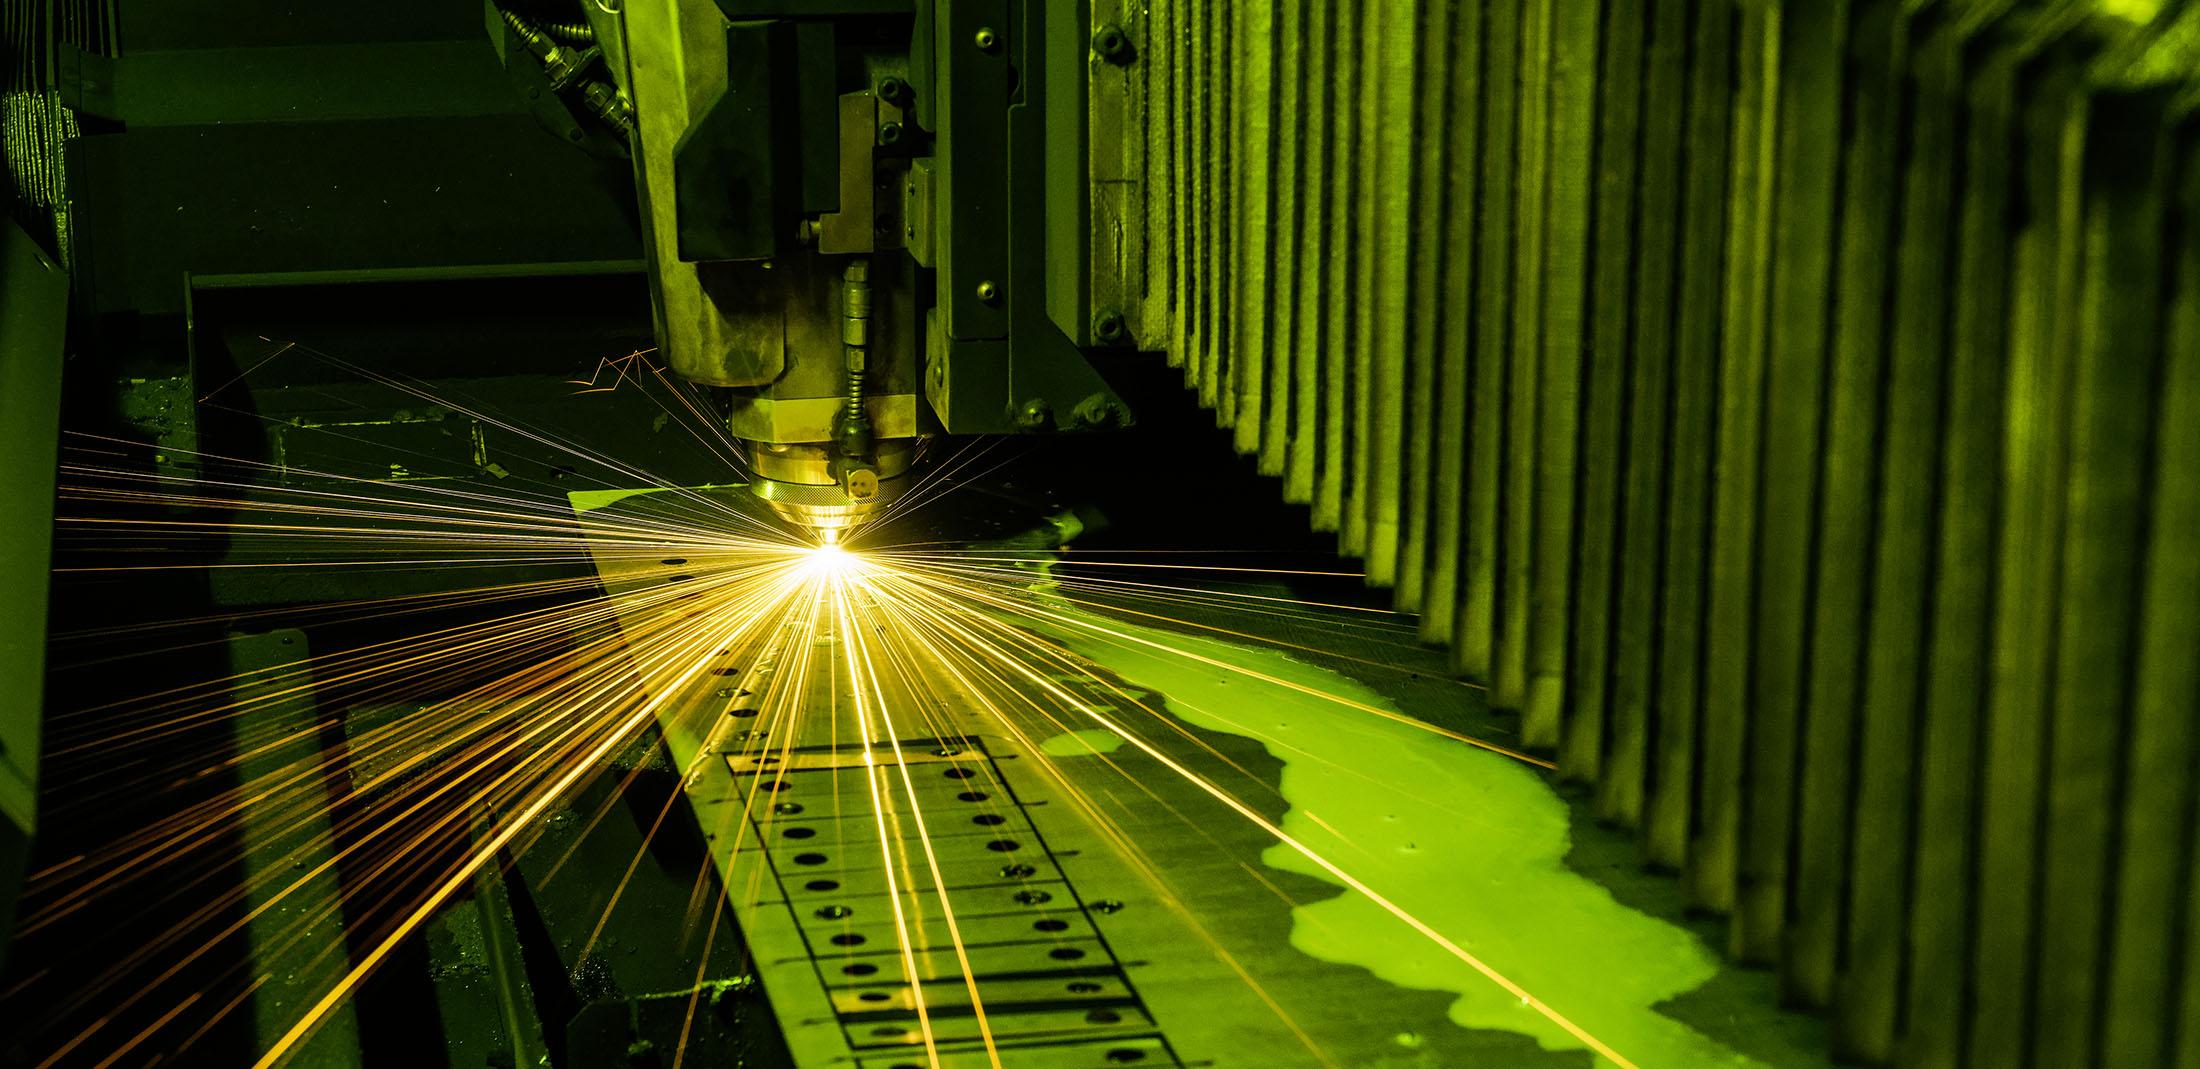 wolfram schroll_industriefotografie_wet18__02